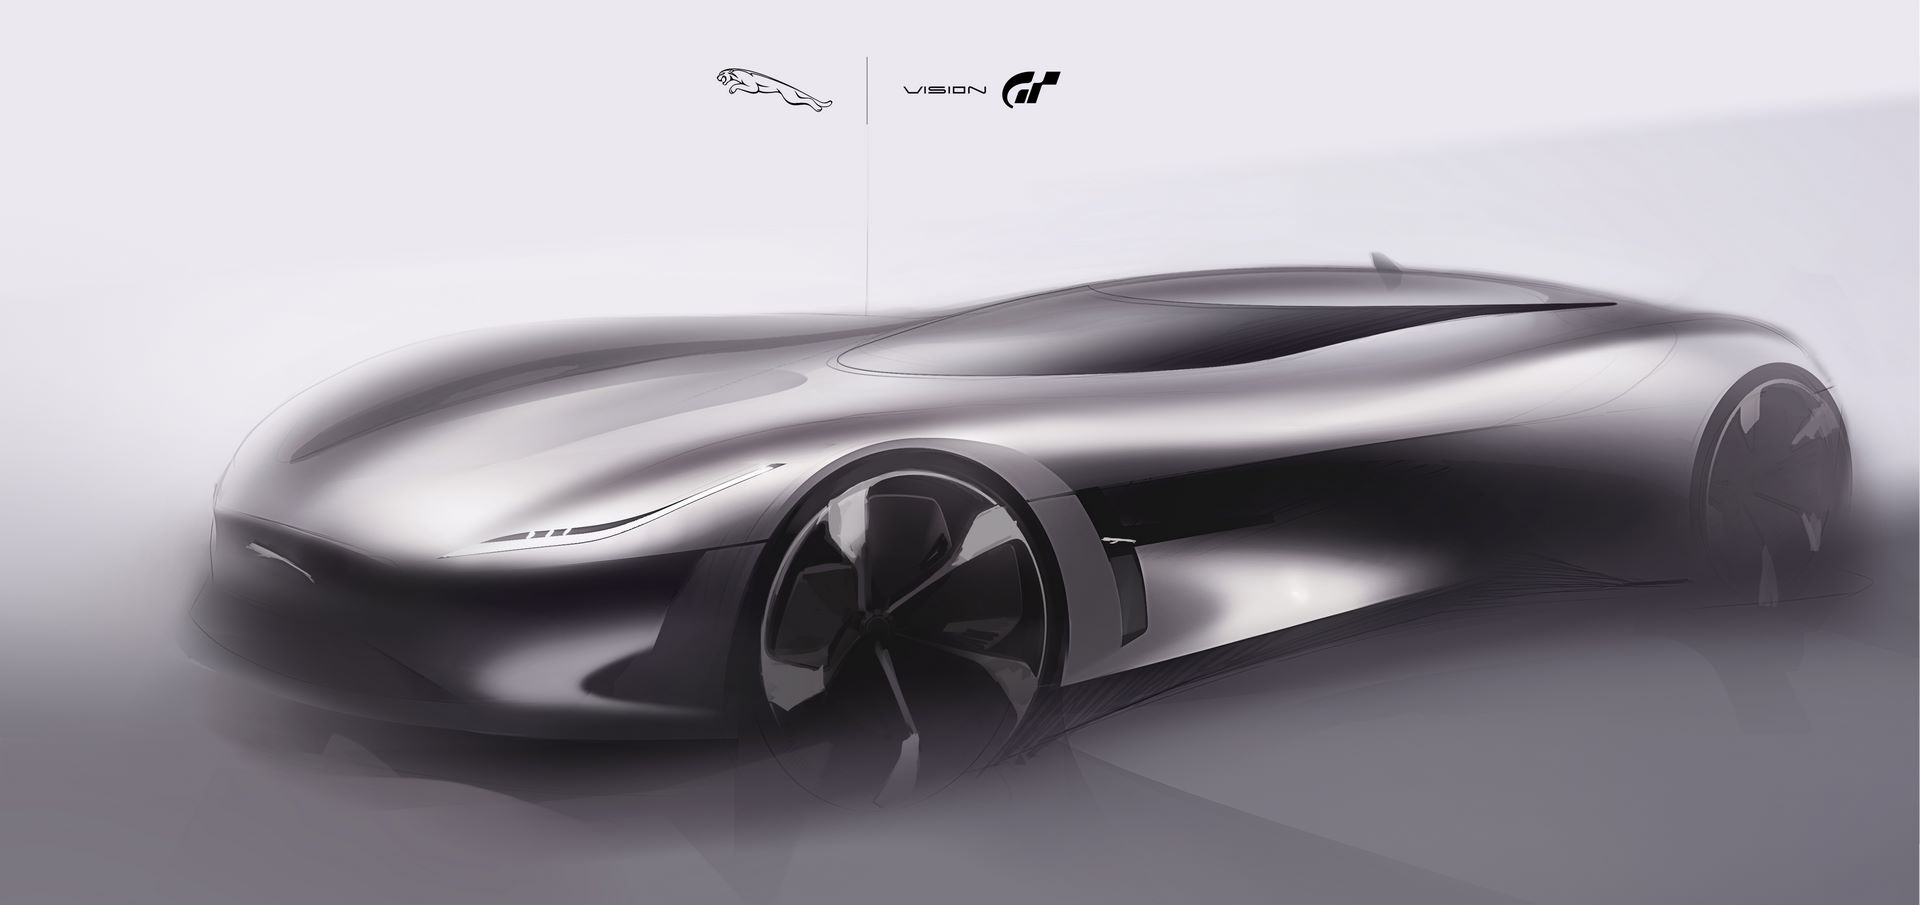 Jaguar-Vision-Gran-Turismo-25